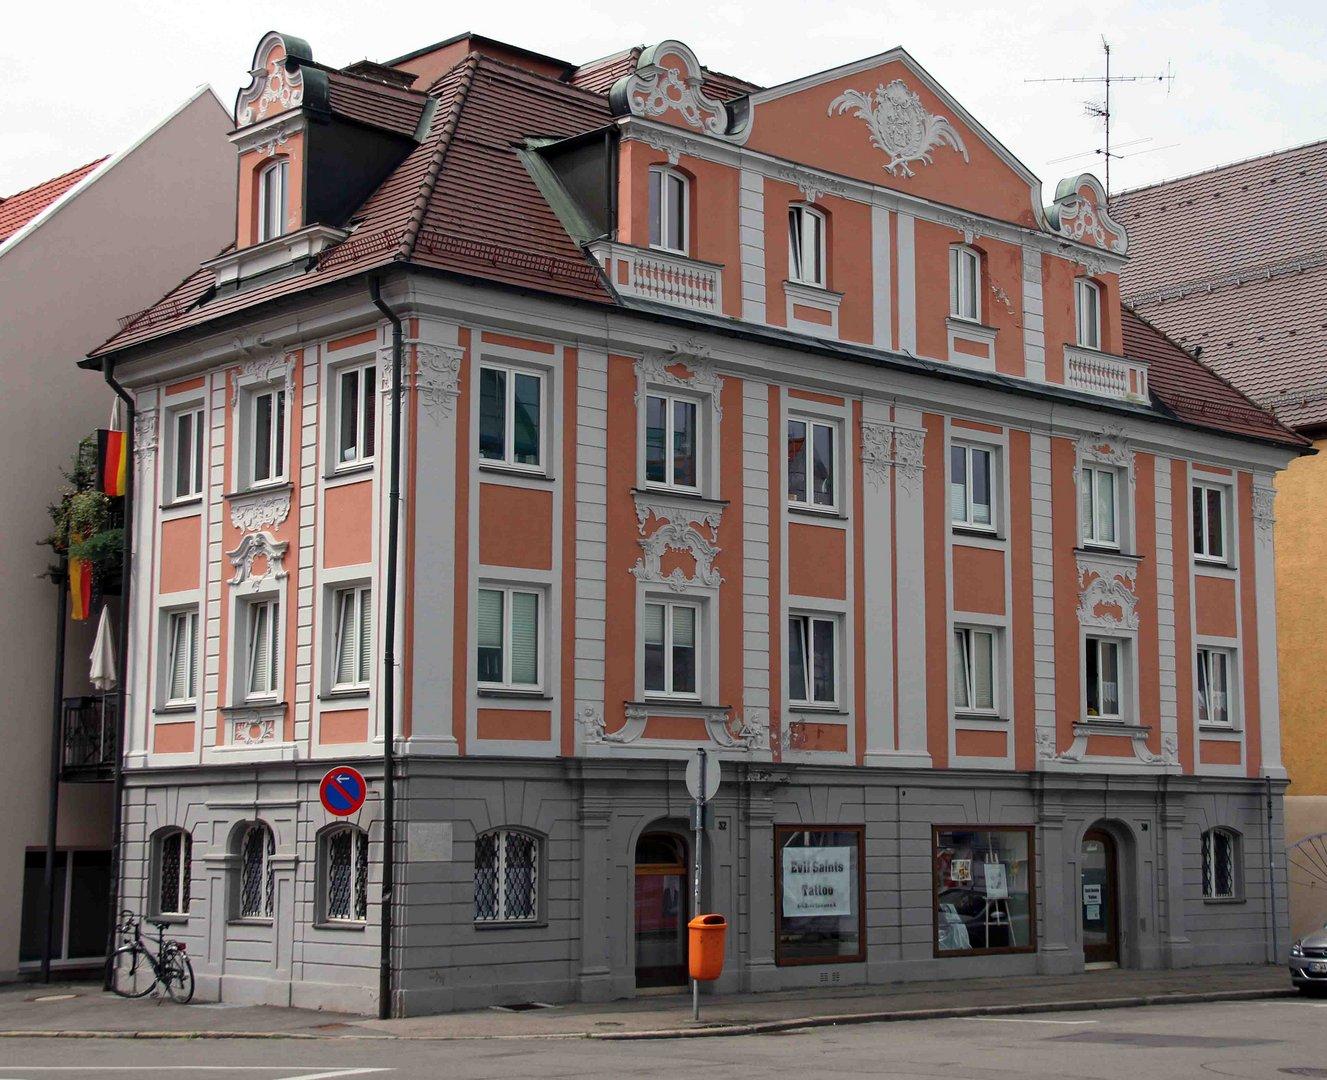 Schönes Wohnhaus in der Stadt Memmingen